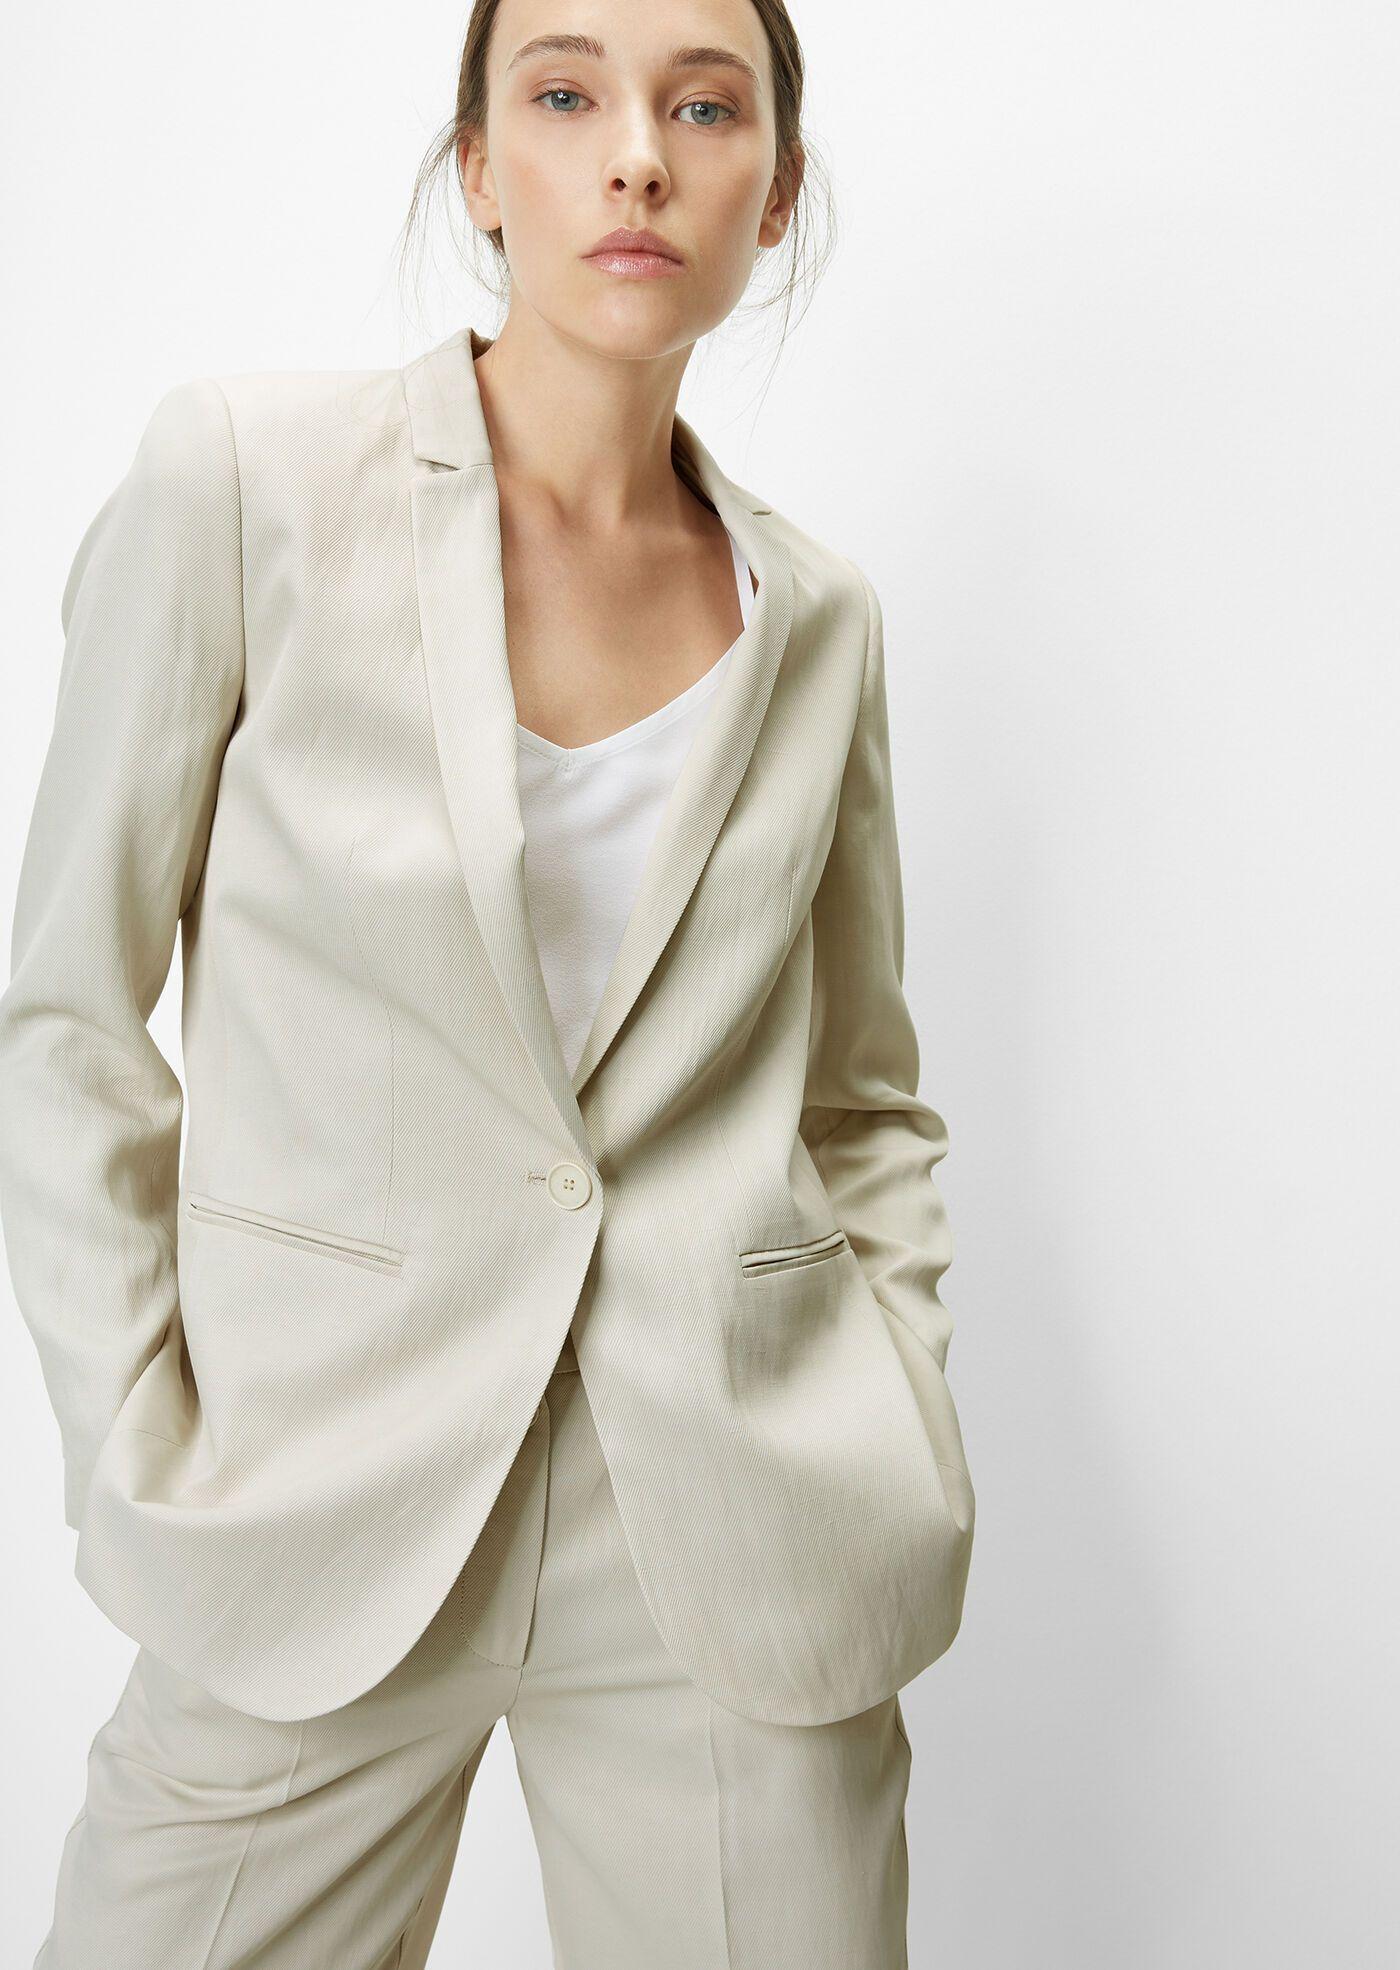 MARC O'POLO Піджак жіночі модель PF3684 купити, 2017